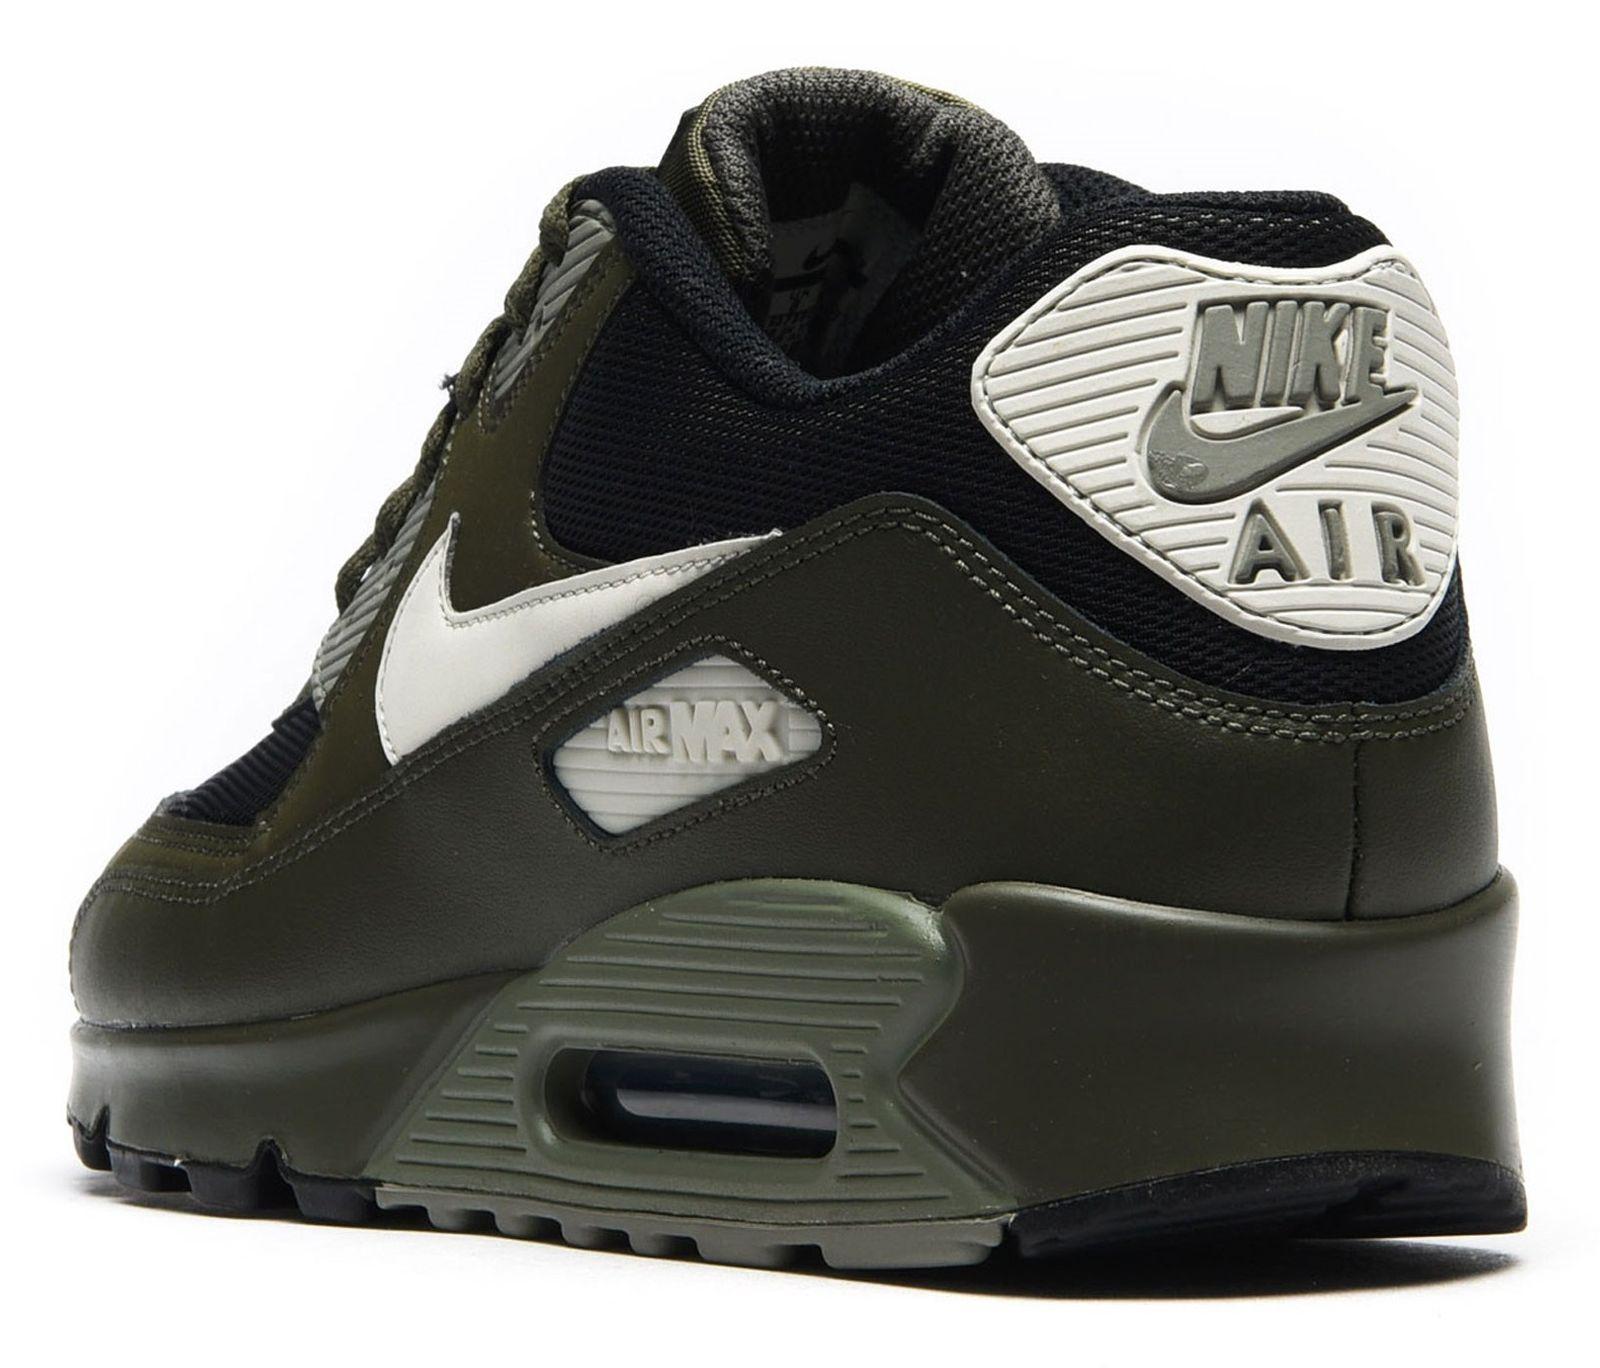 کفش ورزشی دویدن مردانه Air Max 90 Essential - نایکی - زيتوني تيره - 4